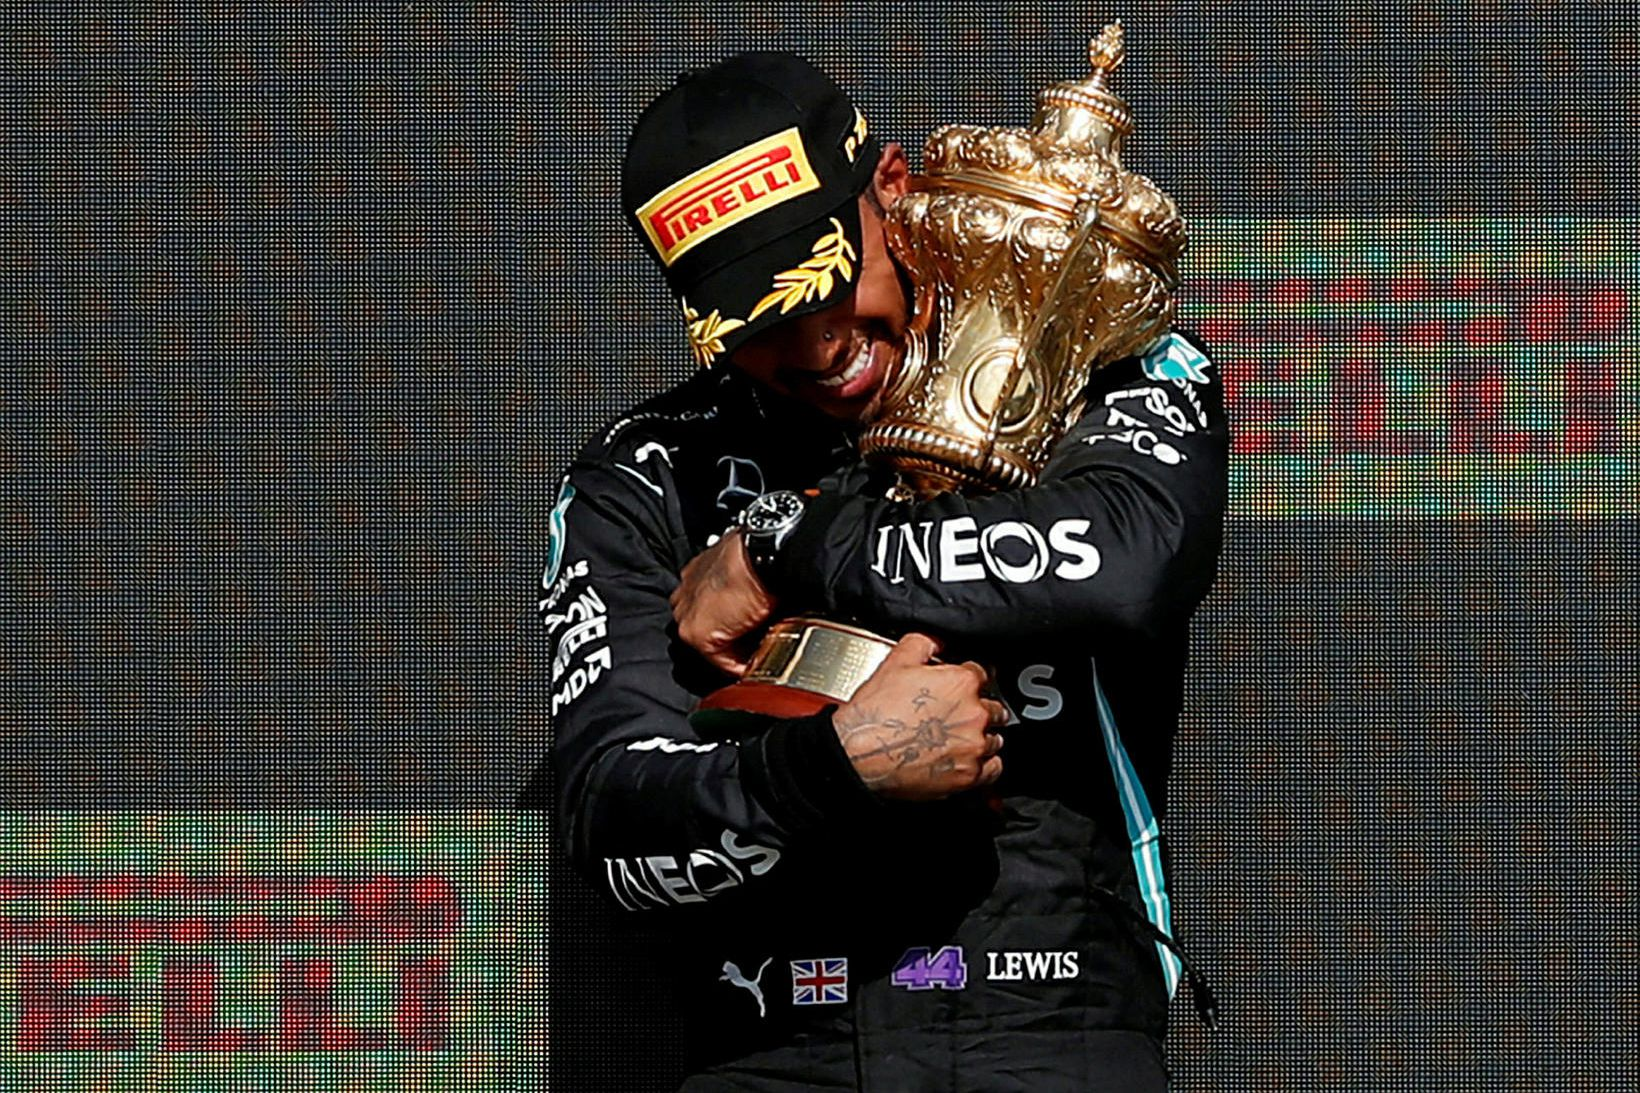 Lewis Hamilton með sigurlaun sín í Silverstone í dag.